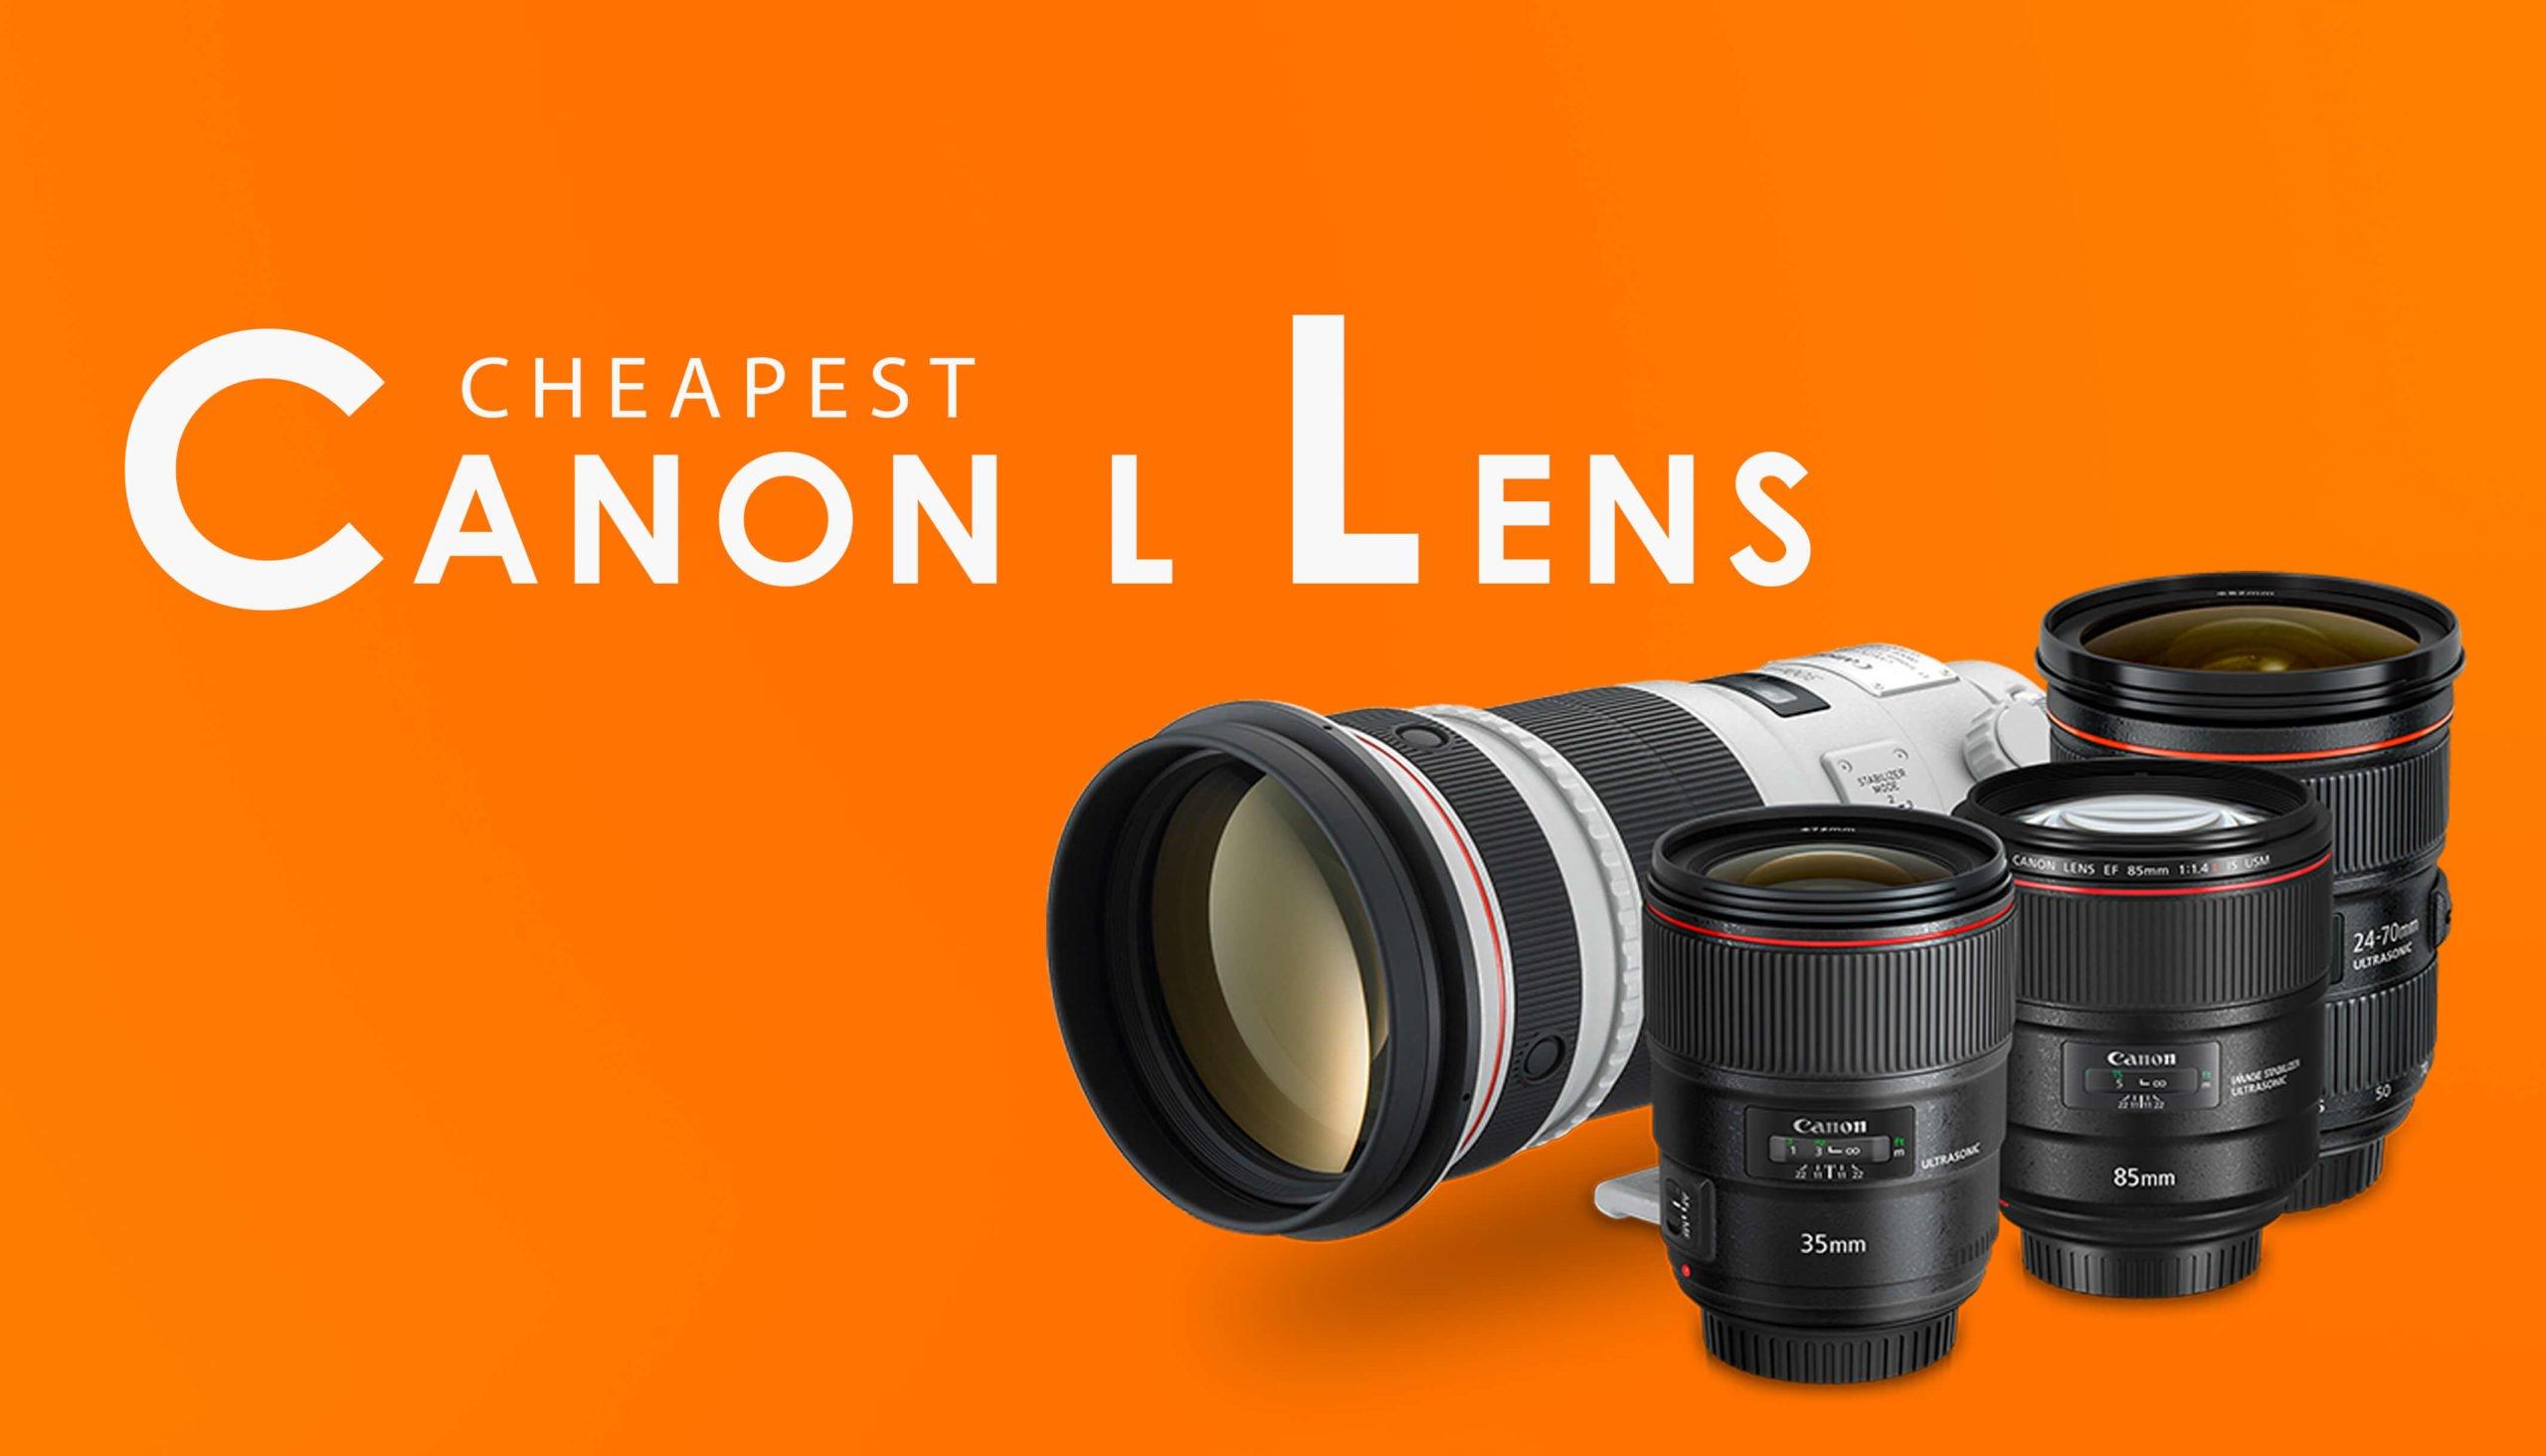 Cheapest-Canon-L-lens